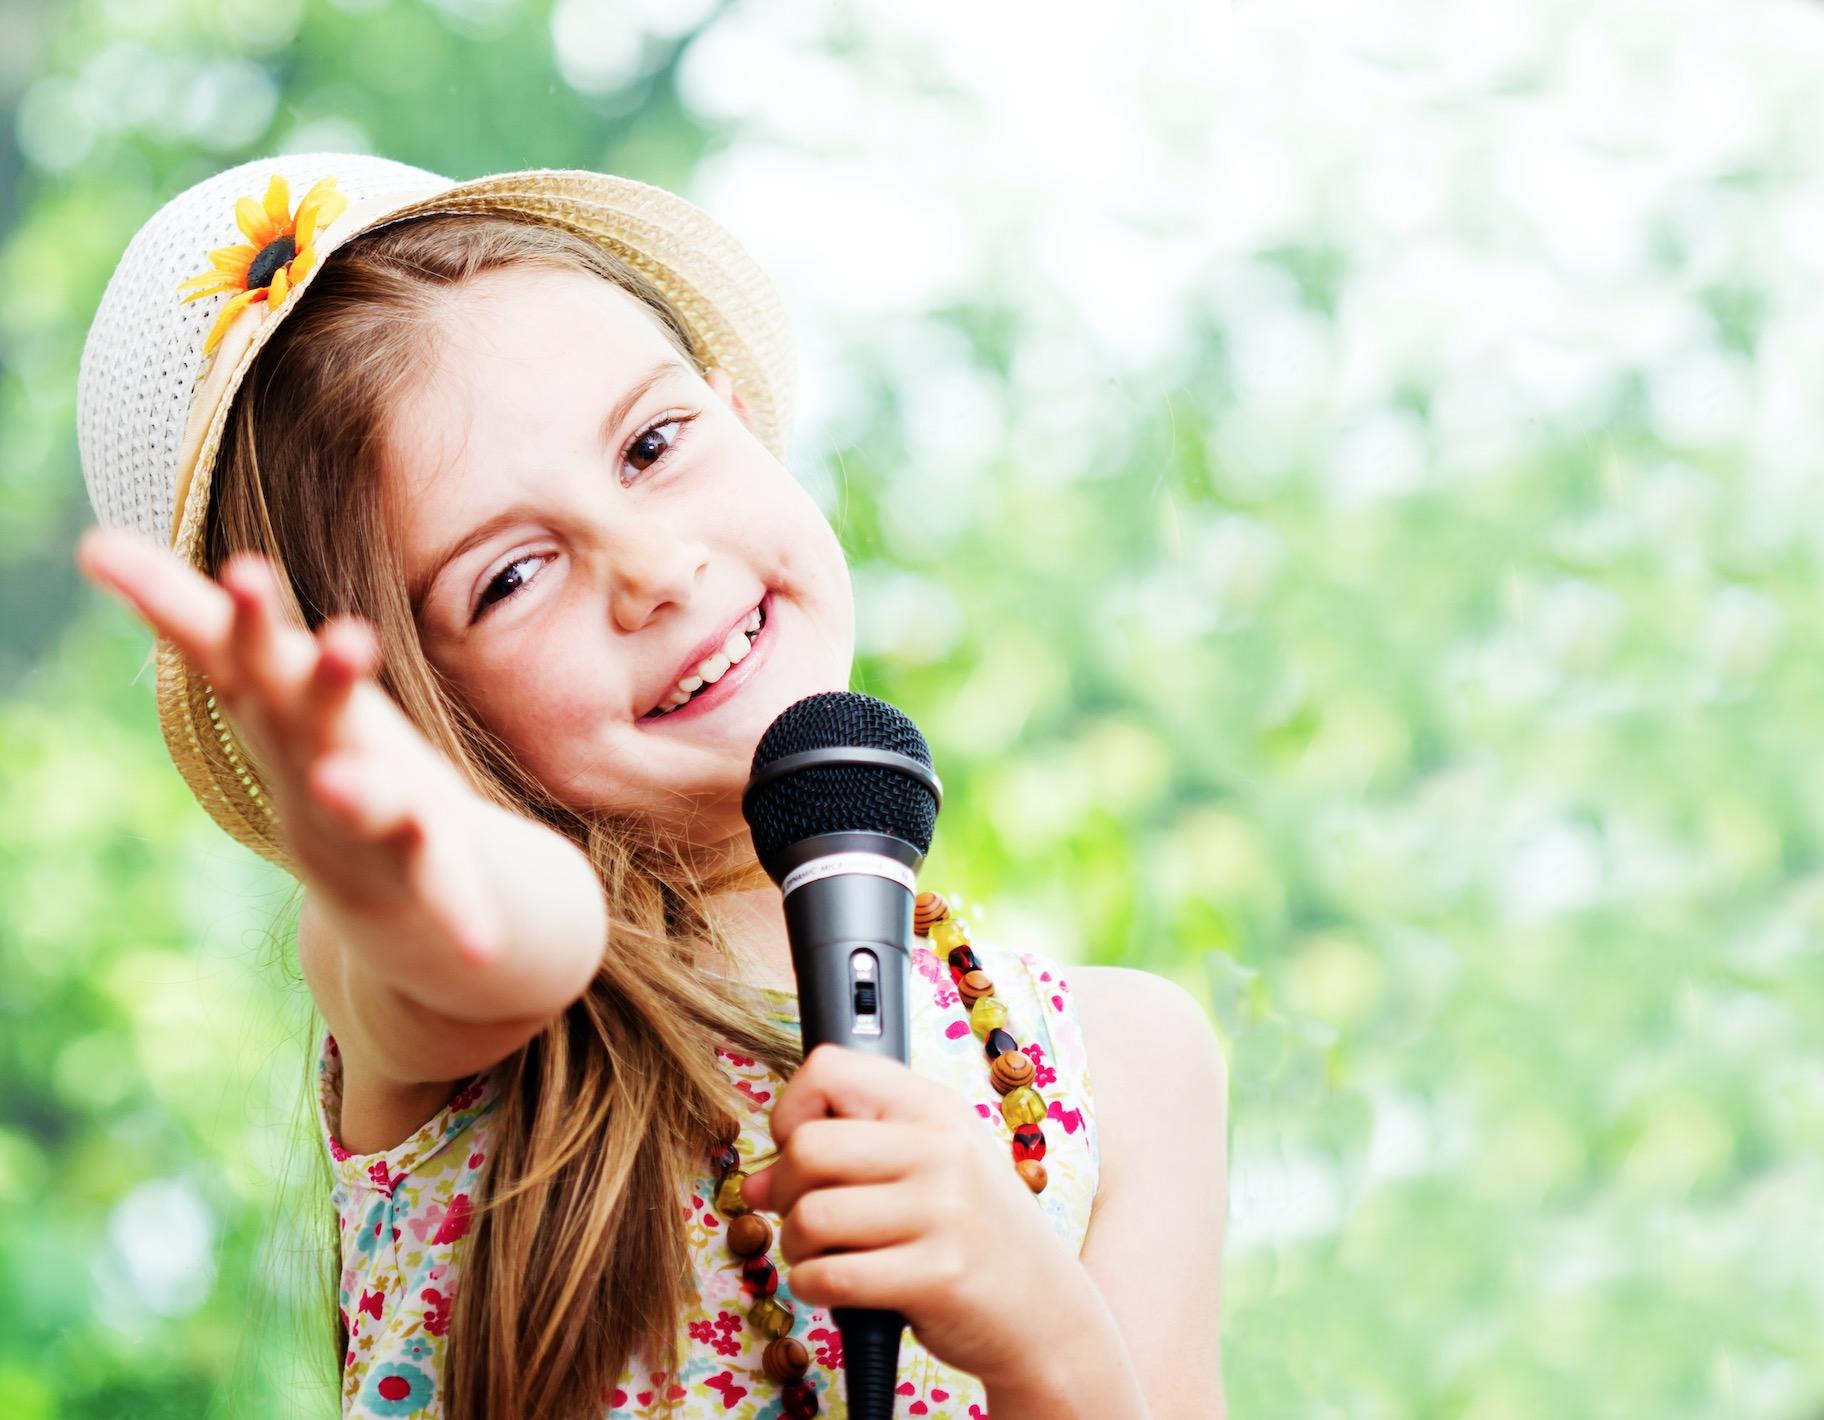 Donnons la parole aux enfants – Wonder Live, un évènement du 20 décembre 2020